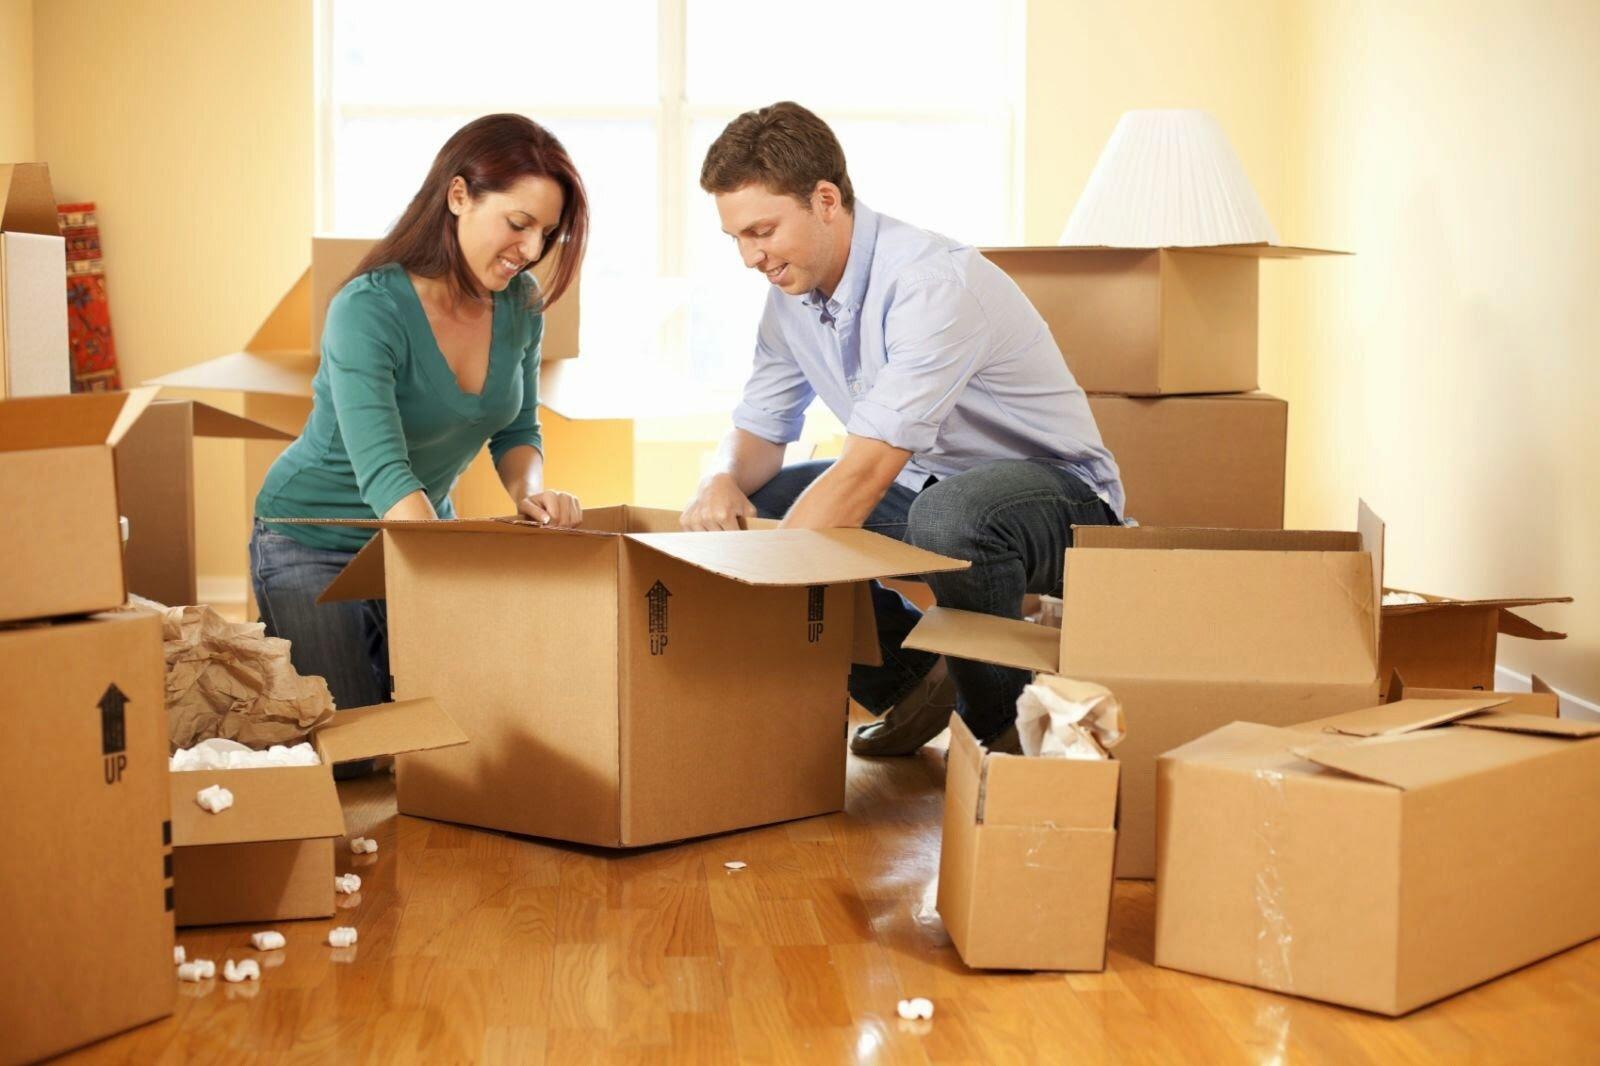 Kinh nghiệm sử dụng dịch vụ chuyển nhà